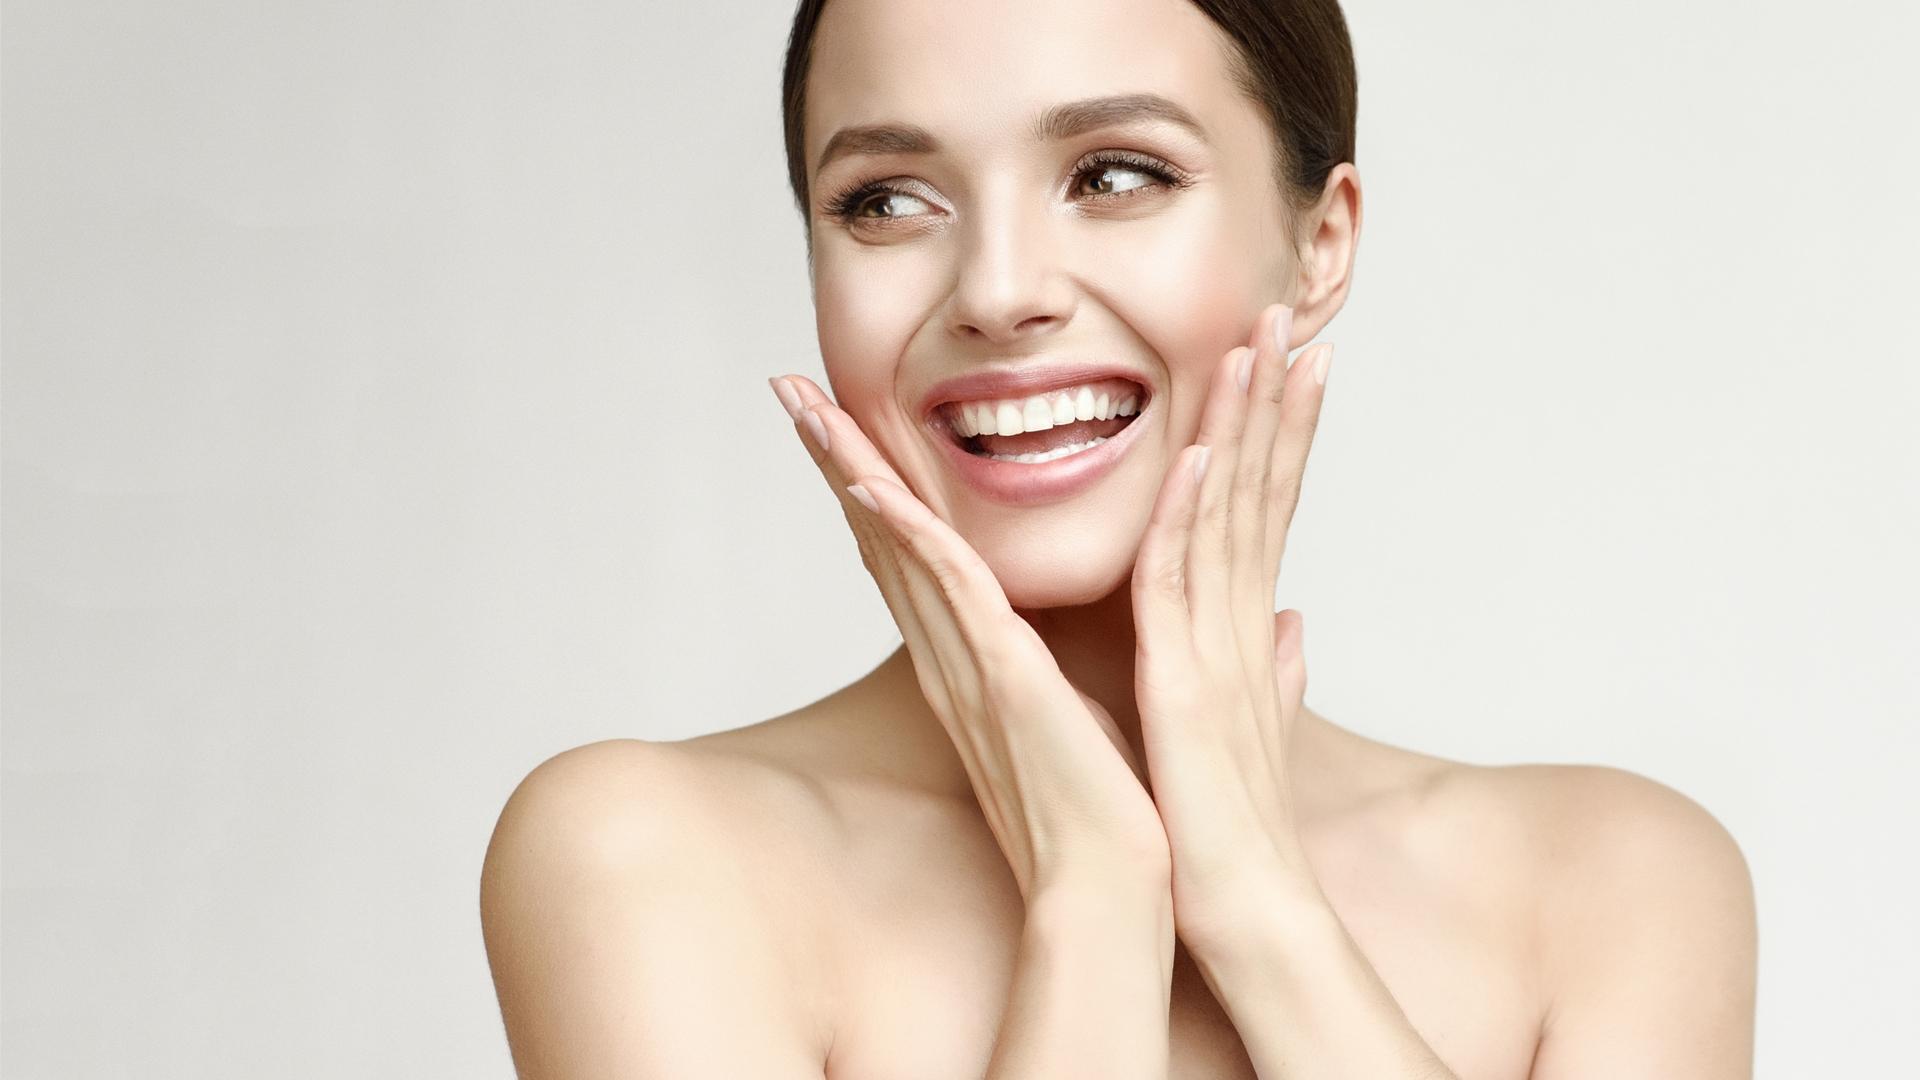 Dopo quanto tempo si vedono gli effetti dell'acido ialuronico sulla pelle?